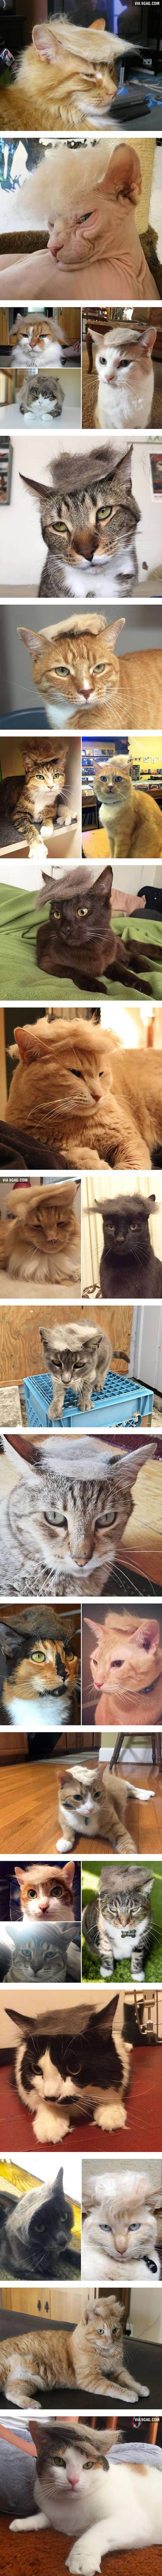 donald-trump-cat-hair